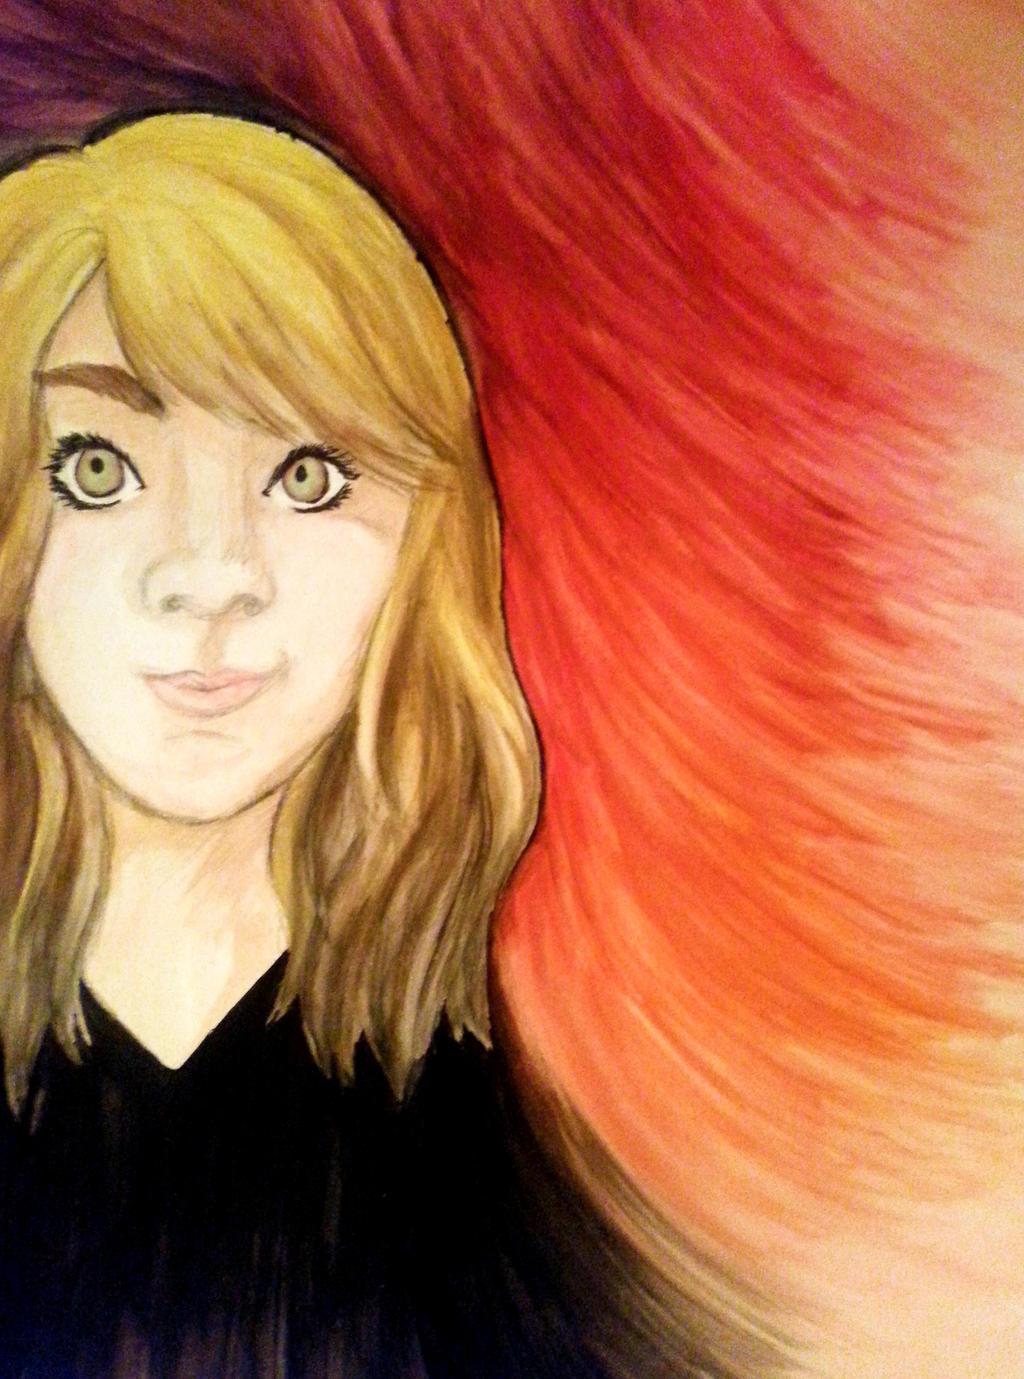 Zakuro-Kona's Profile Picture